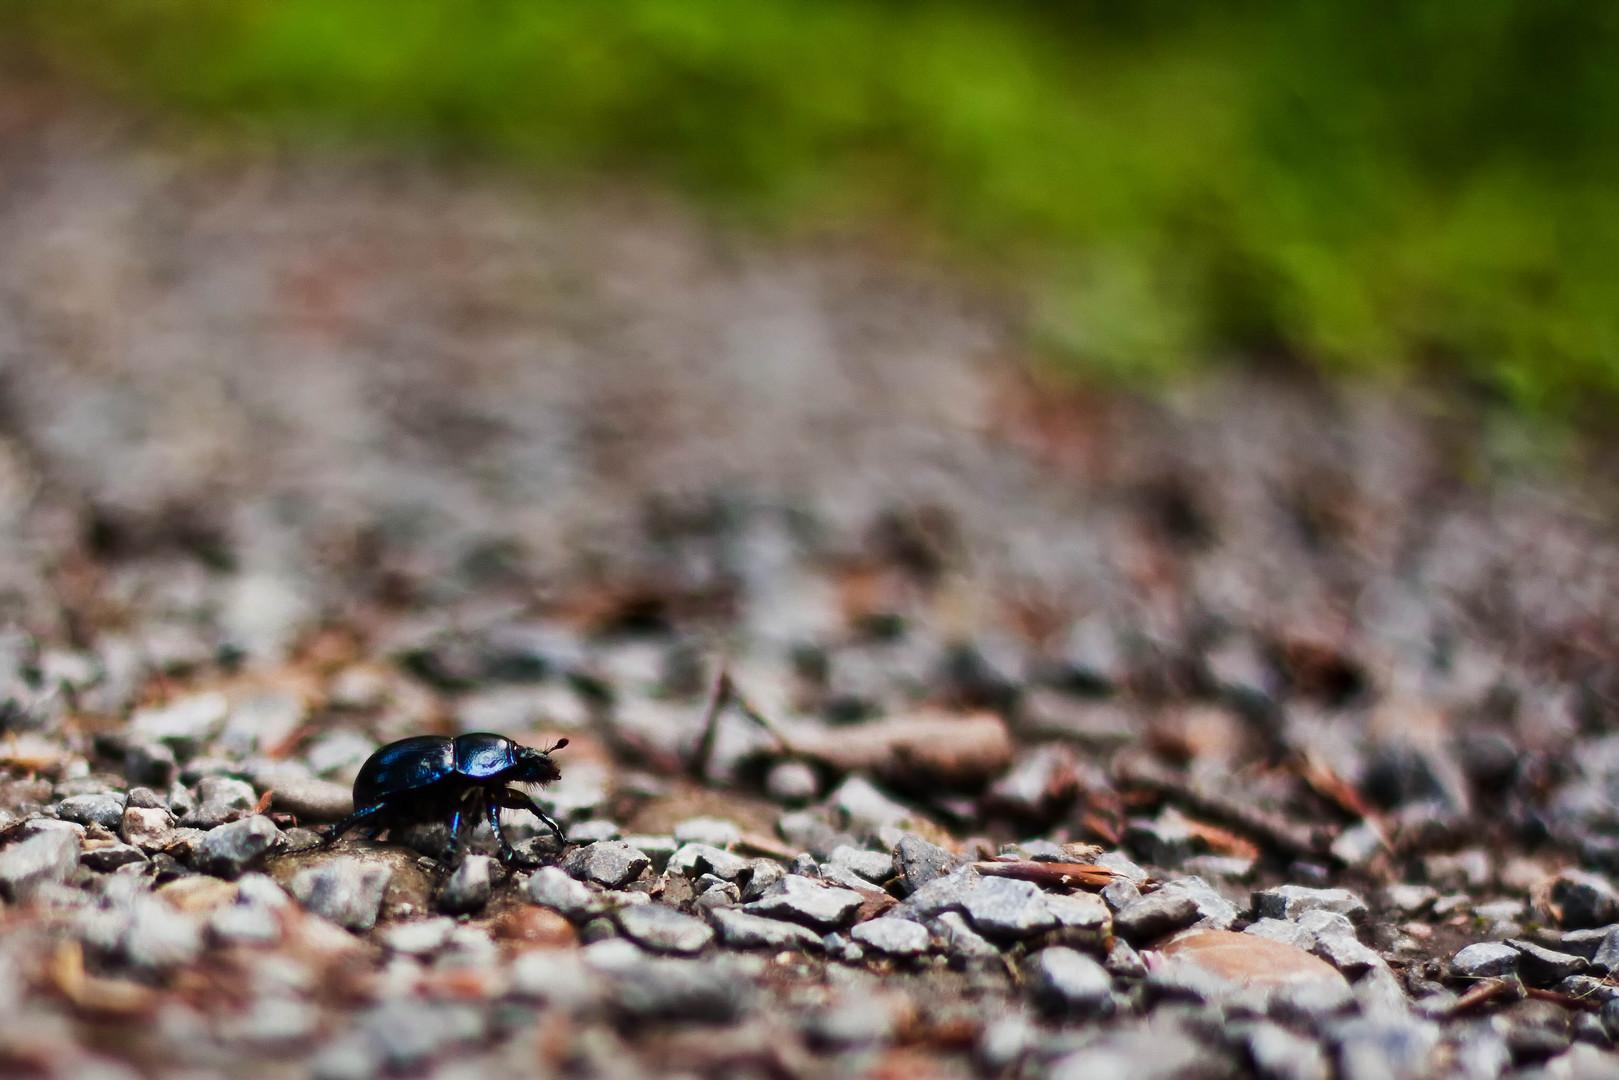 Käfers scharfer Weg